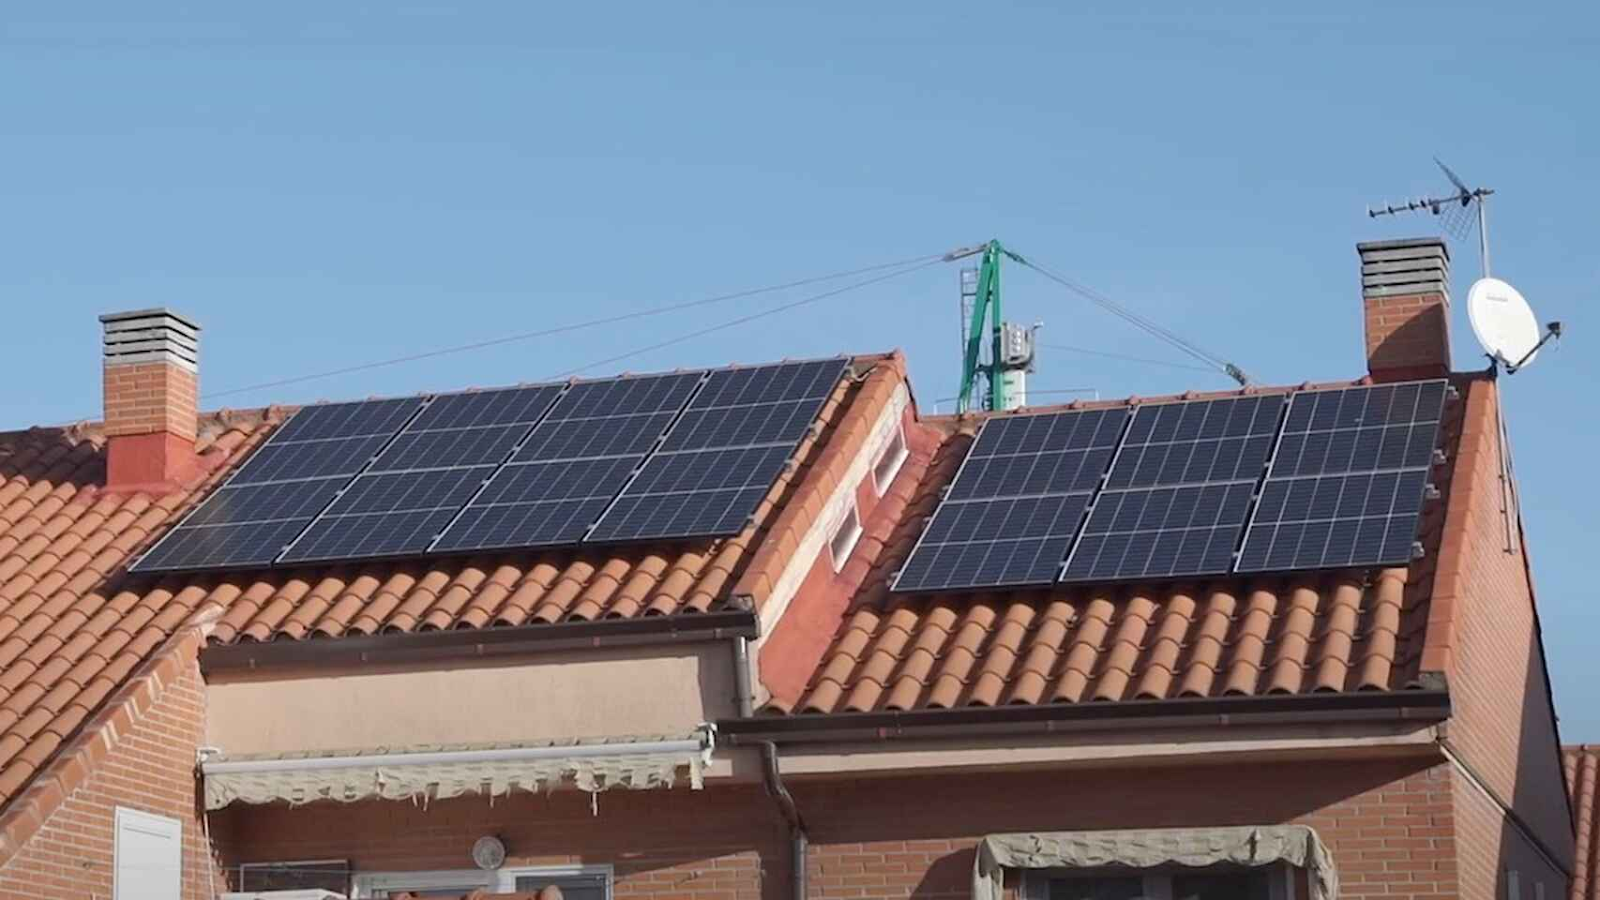 Energía solar fotovoltaica para el hogar